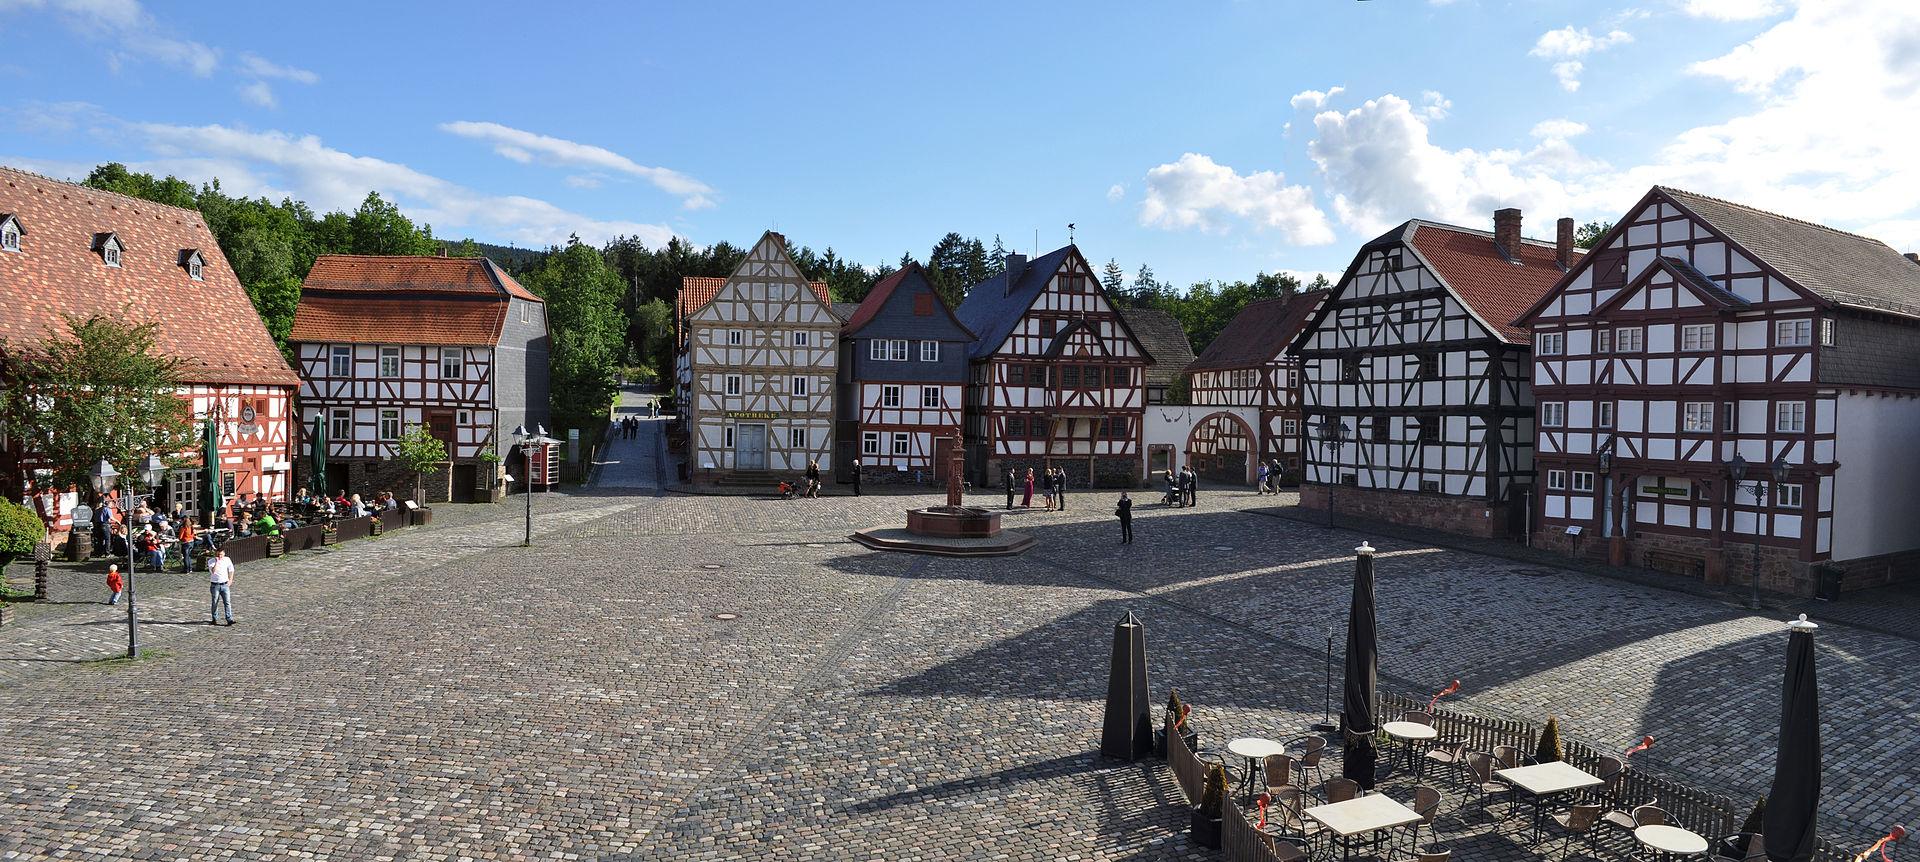 Marktplatz im Hessenpark